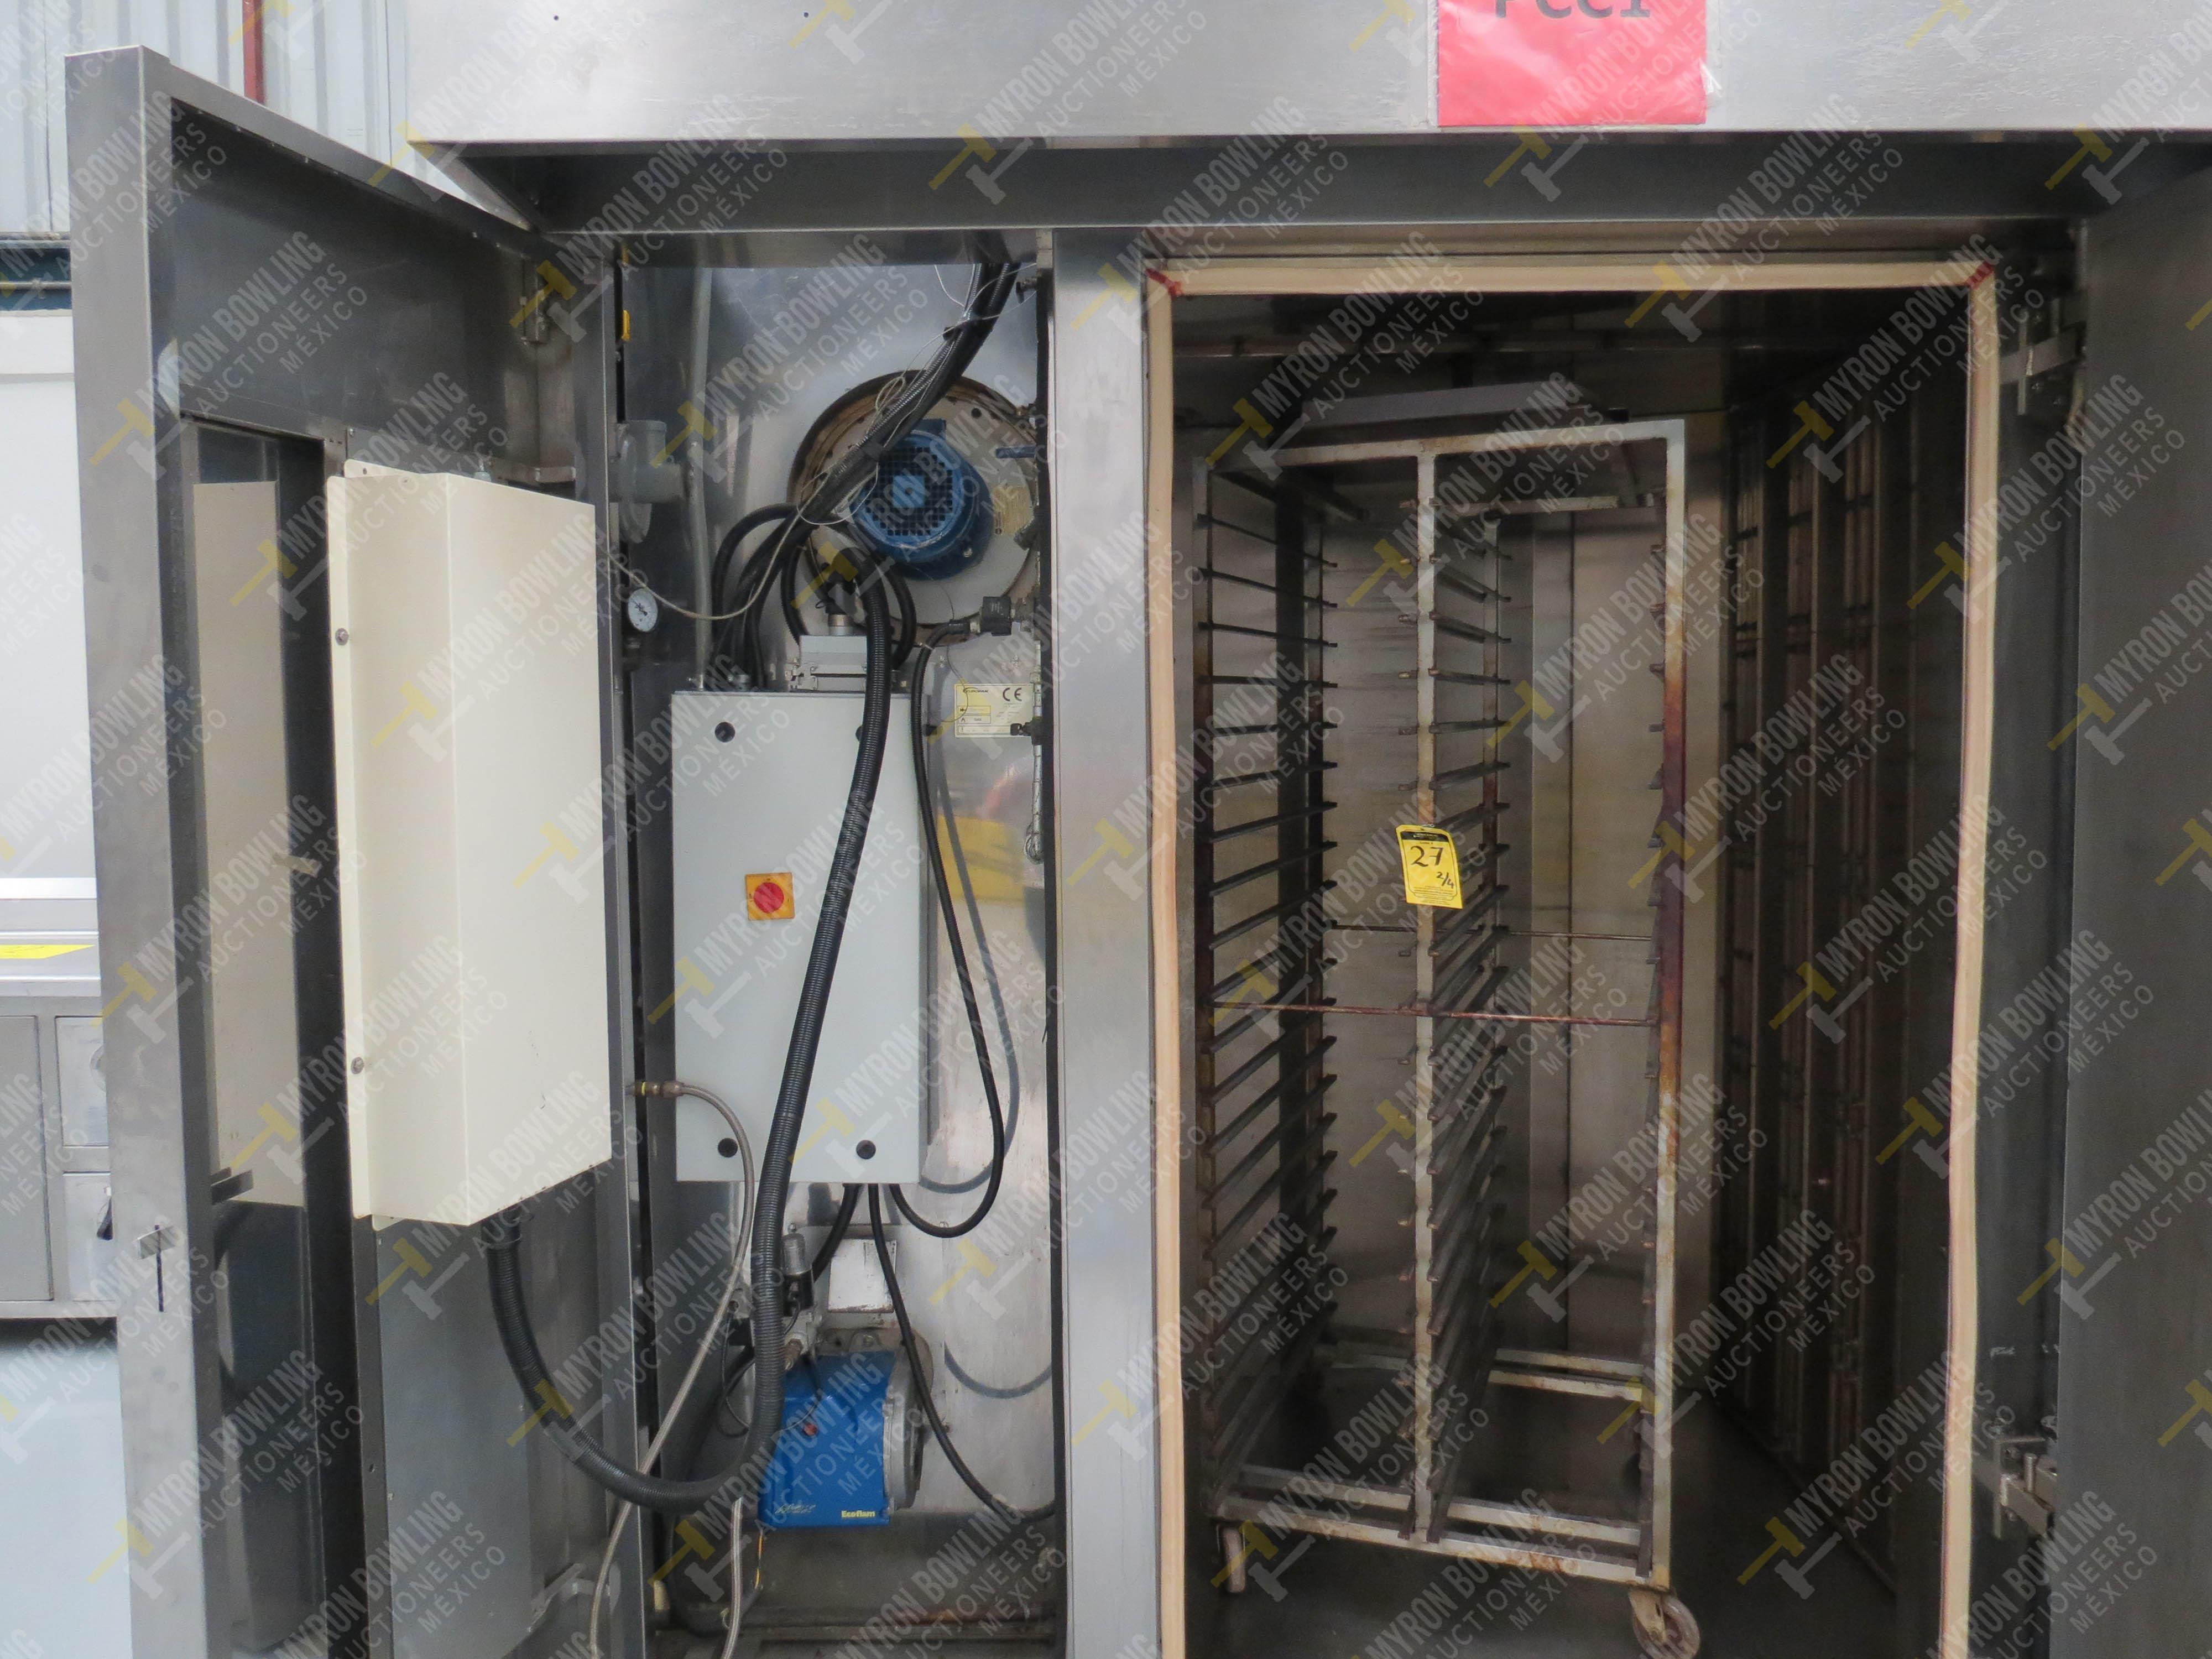 Horno giratorio a gas marca Europan, Modelo LFRN66X92, No. de Serie 6397, año 2007 ... - Image 5 of 13